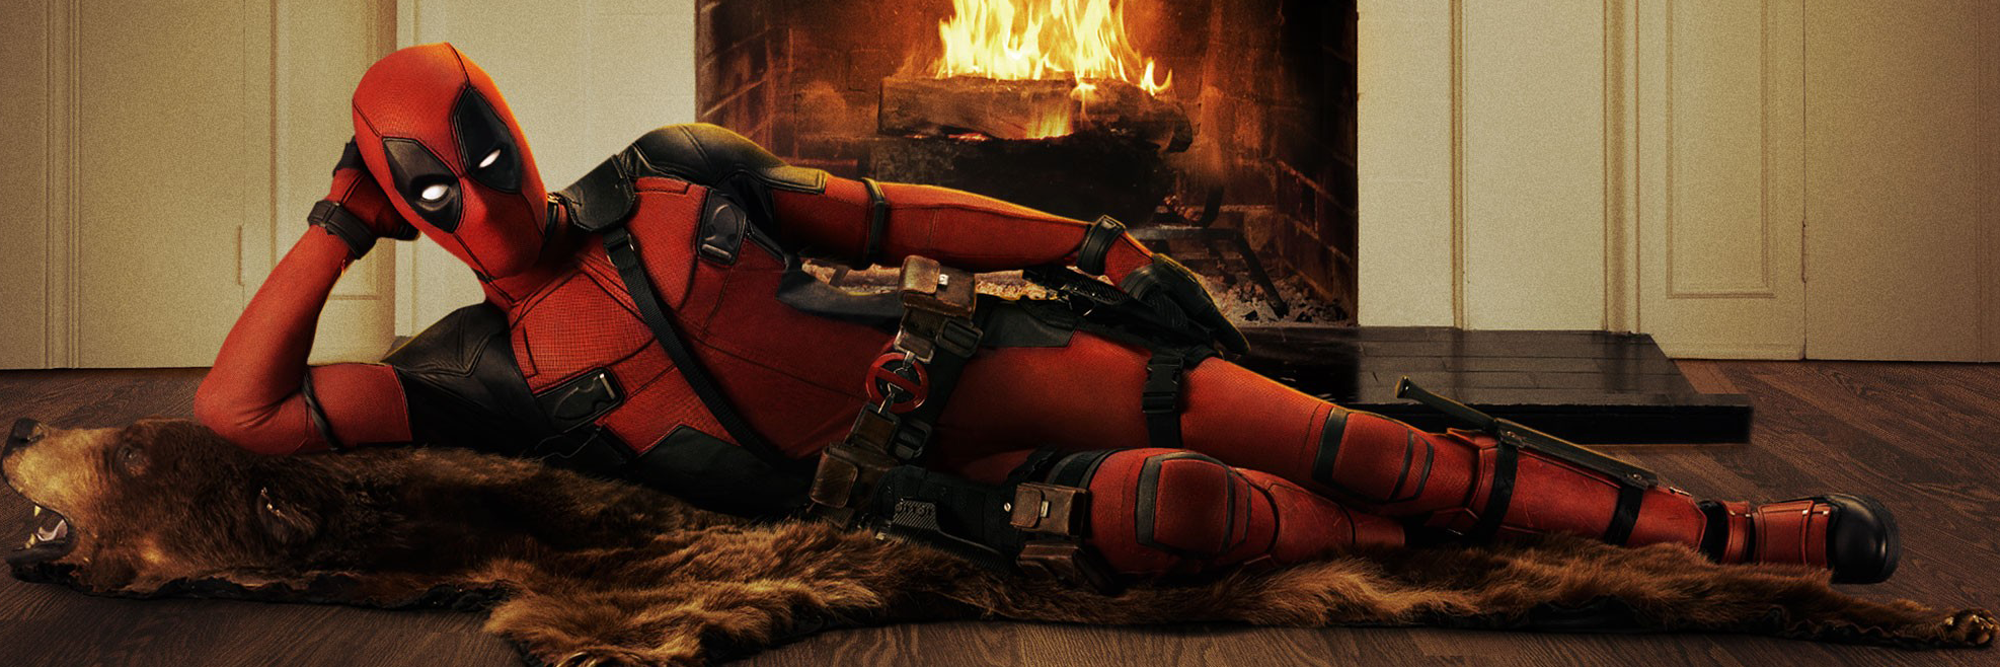 Slik lurer inviterer du dama med på Deadpool-filmen i helgen